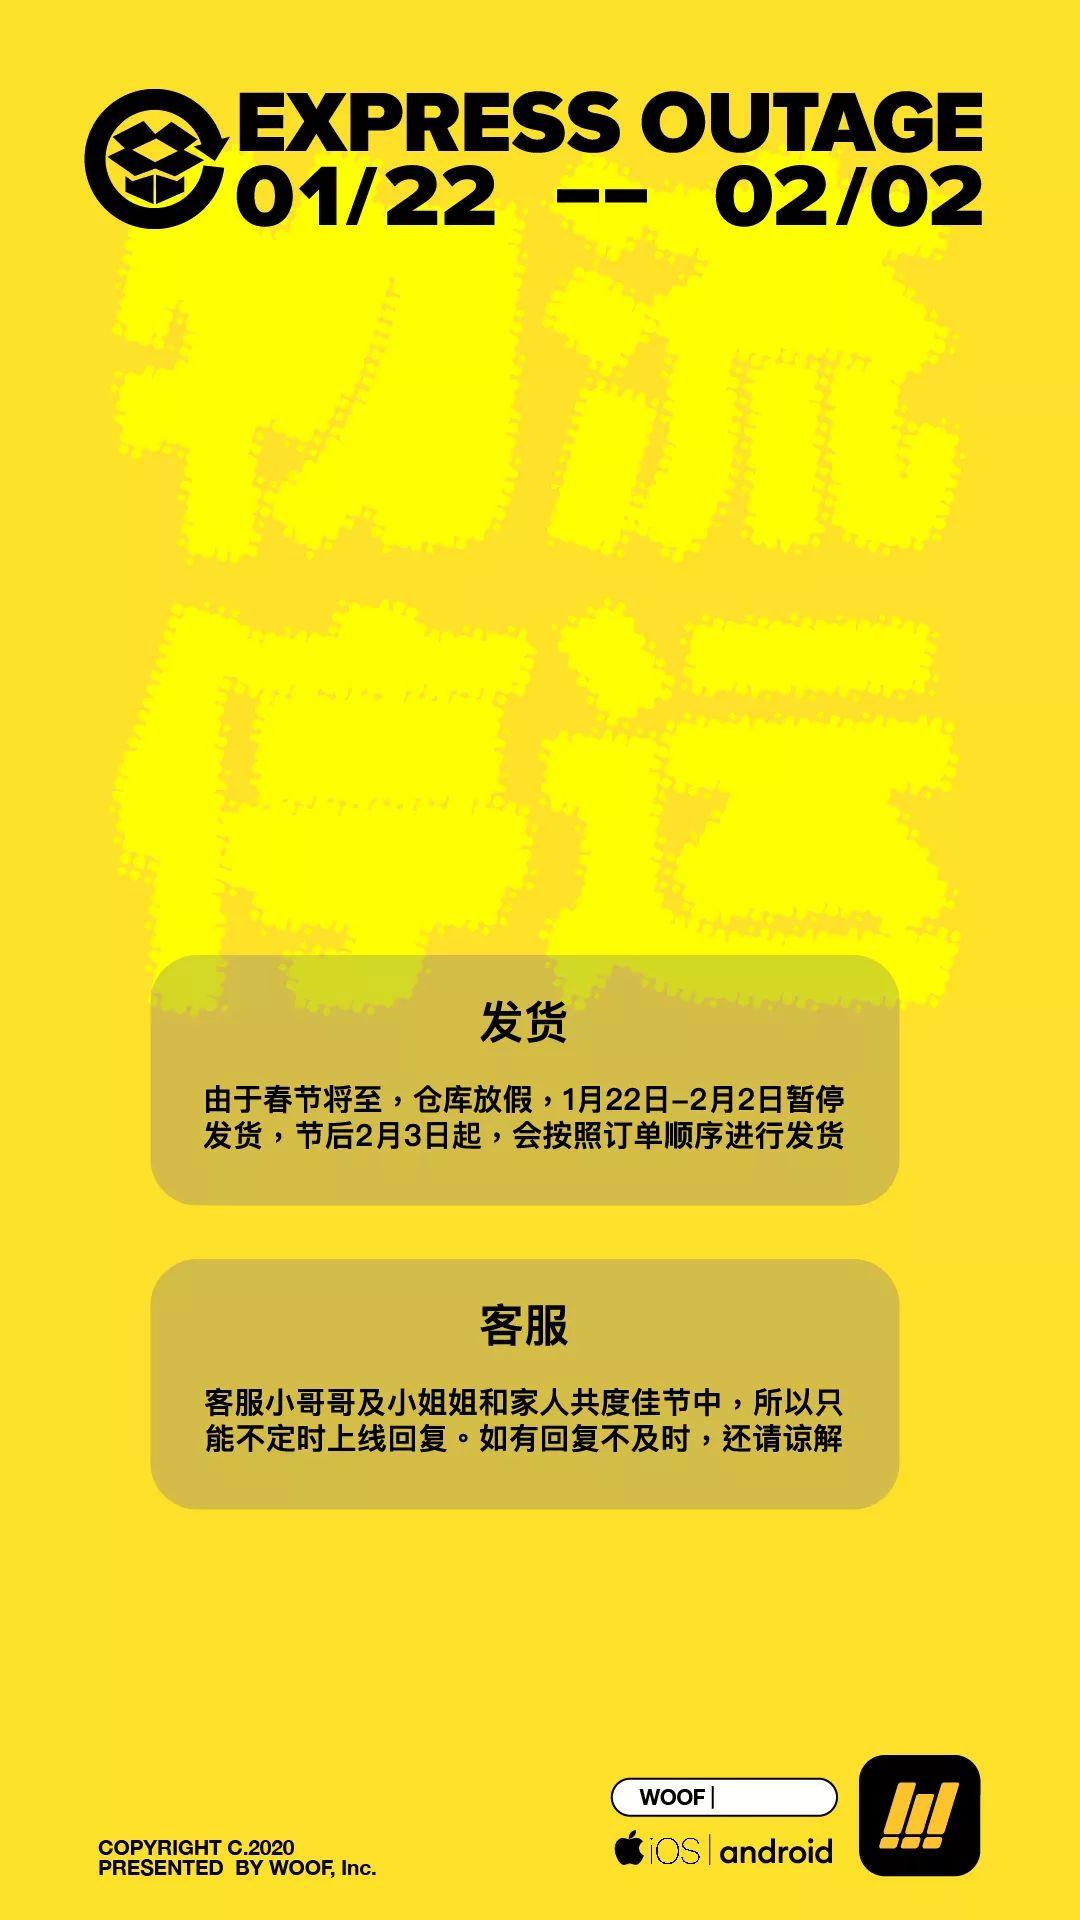 石家庄飞马物流运输有限公司-56114物流查询网